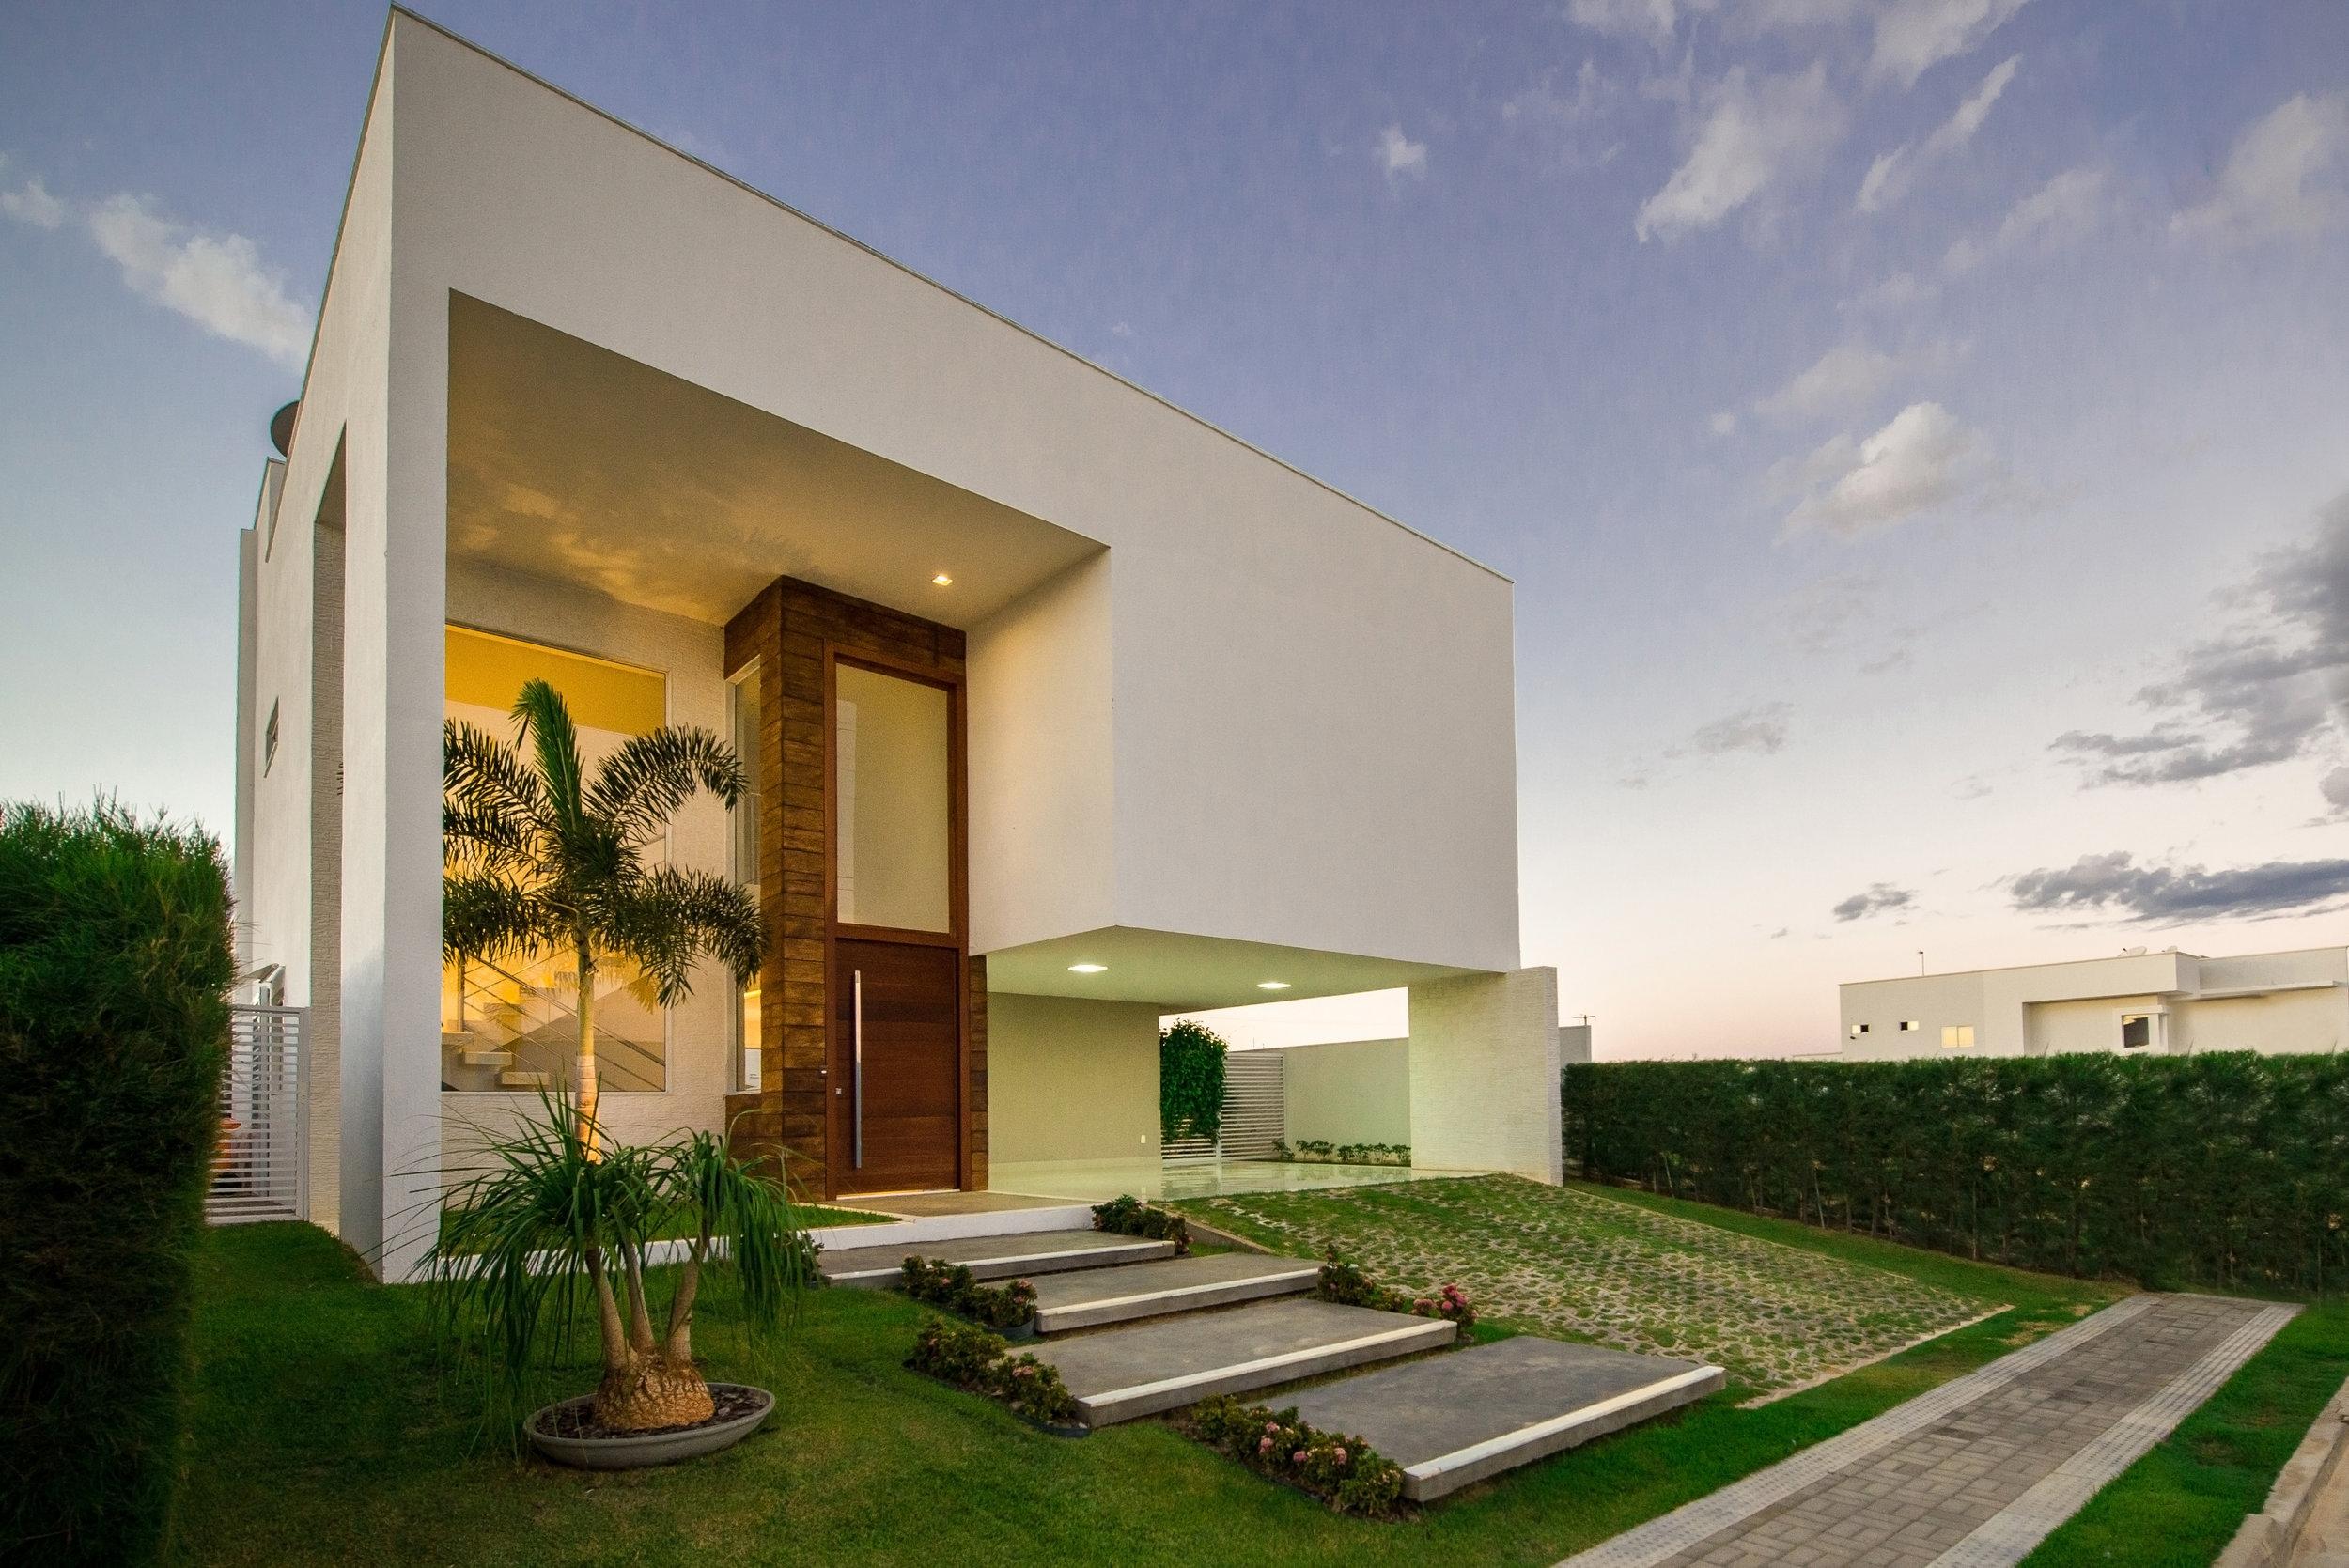 projeto-arquitetonico-leonardoedaniele-duo-arquitetura-casa-praia-01.jpg